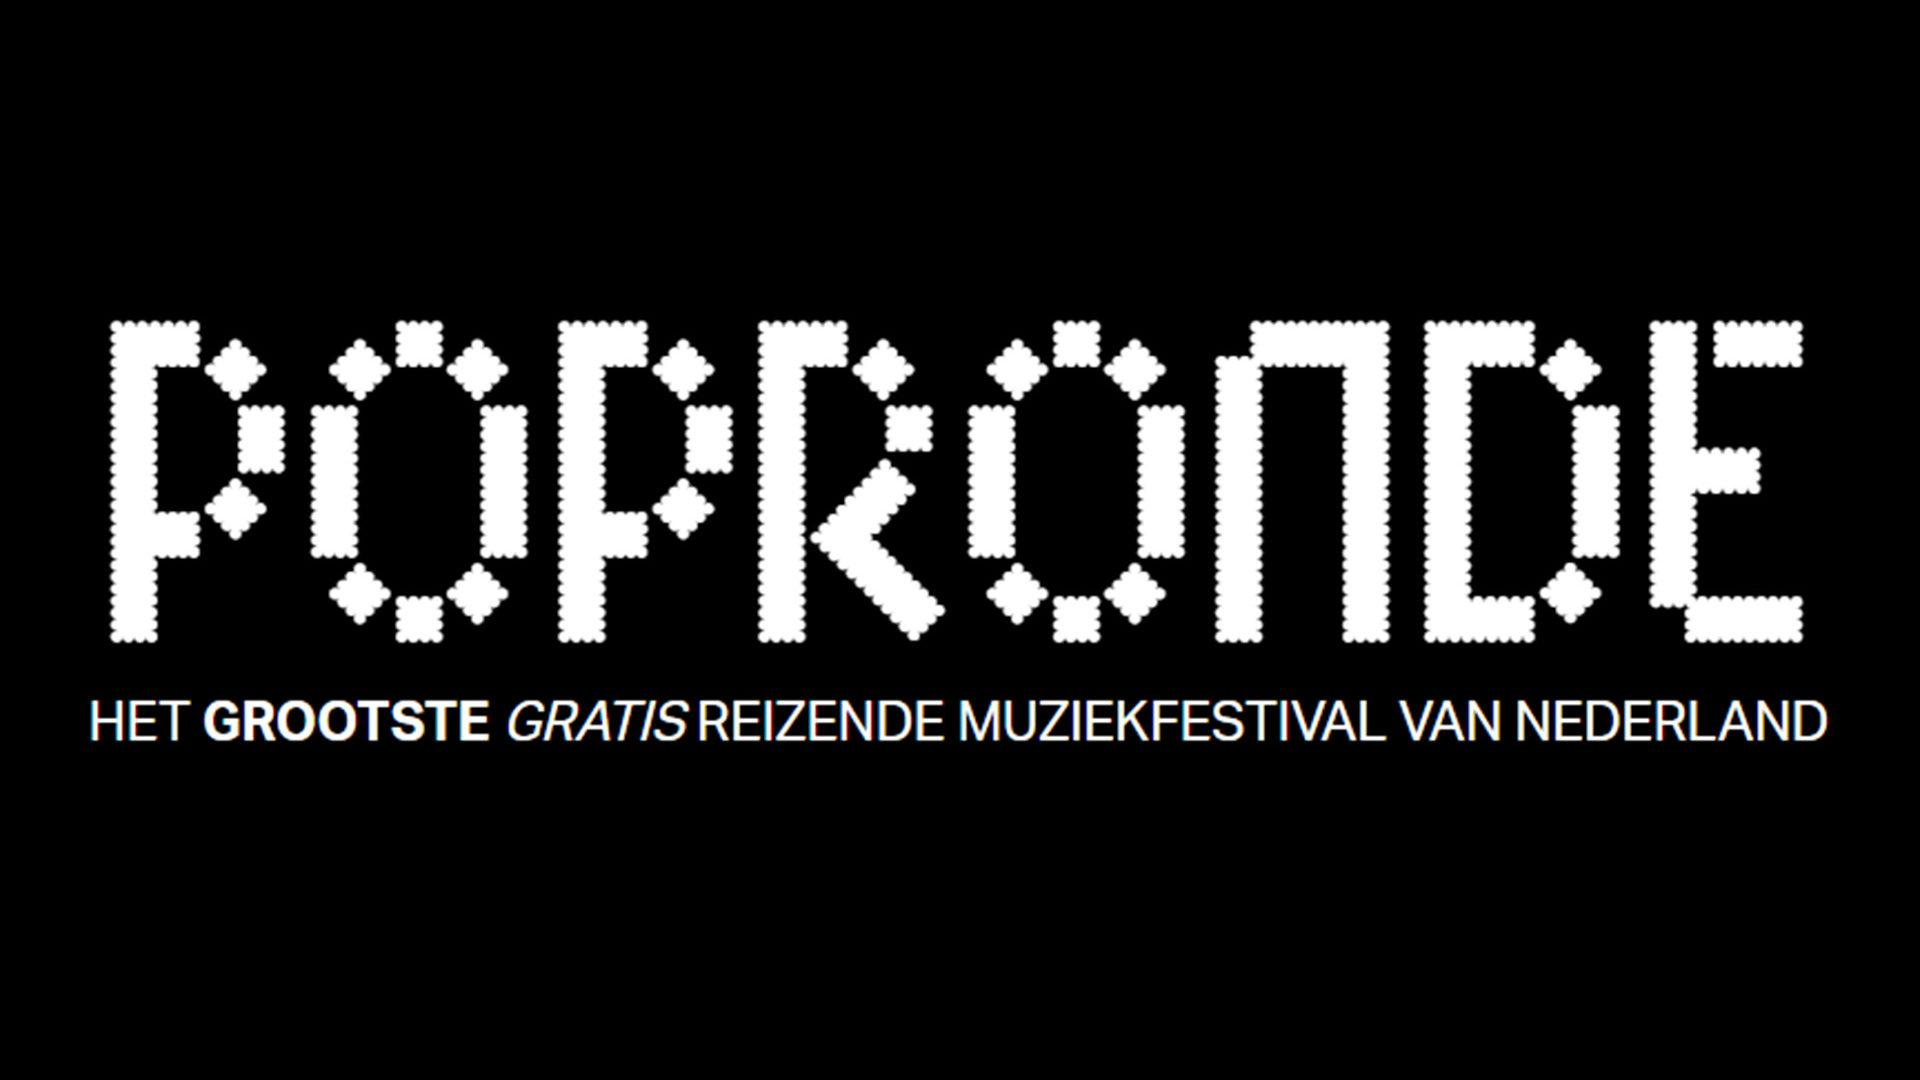 popronde_logo2016